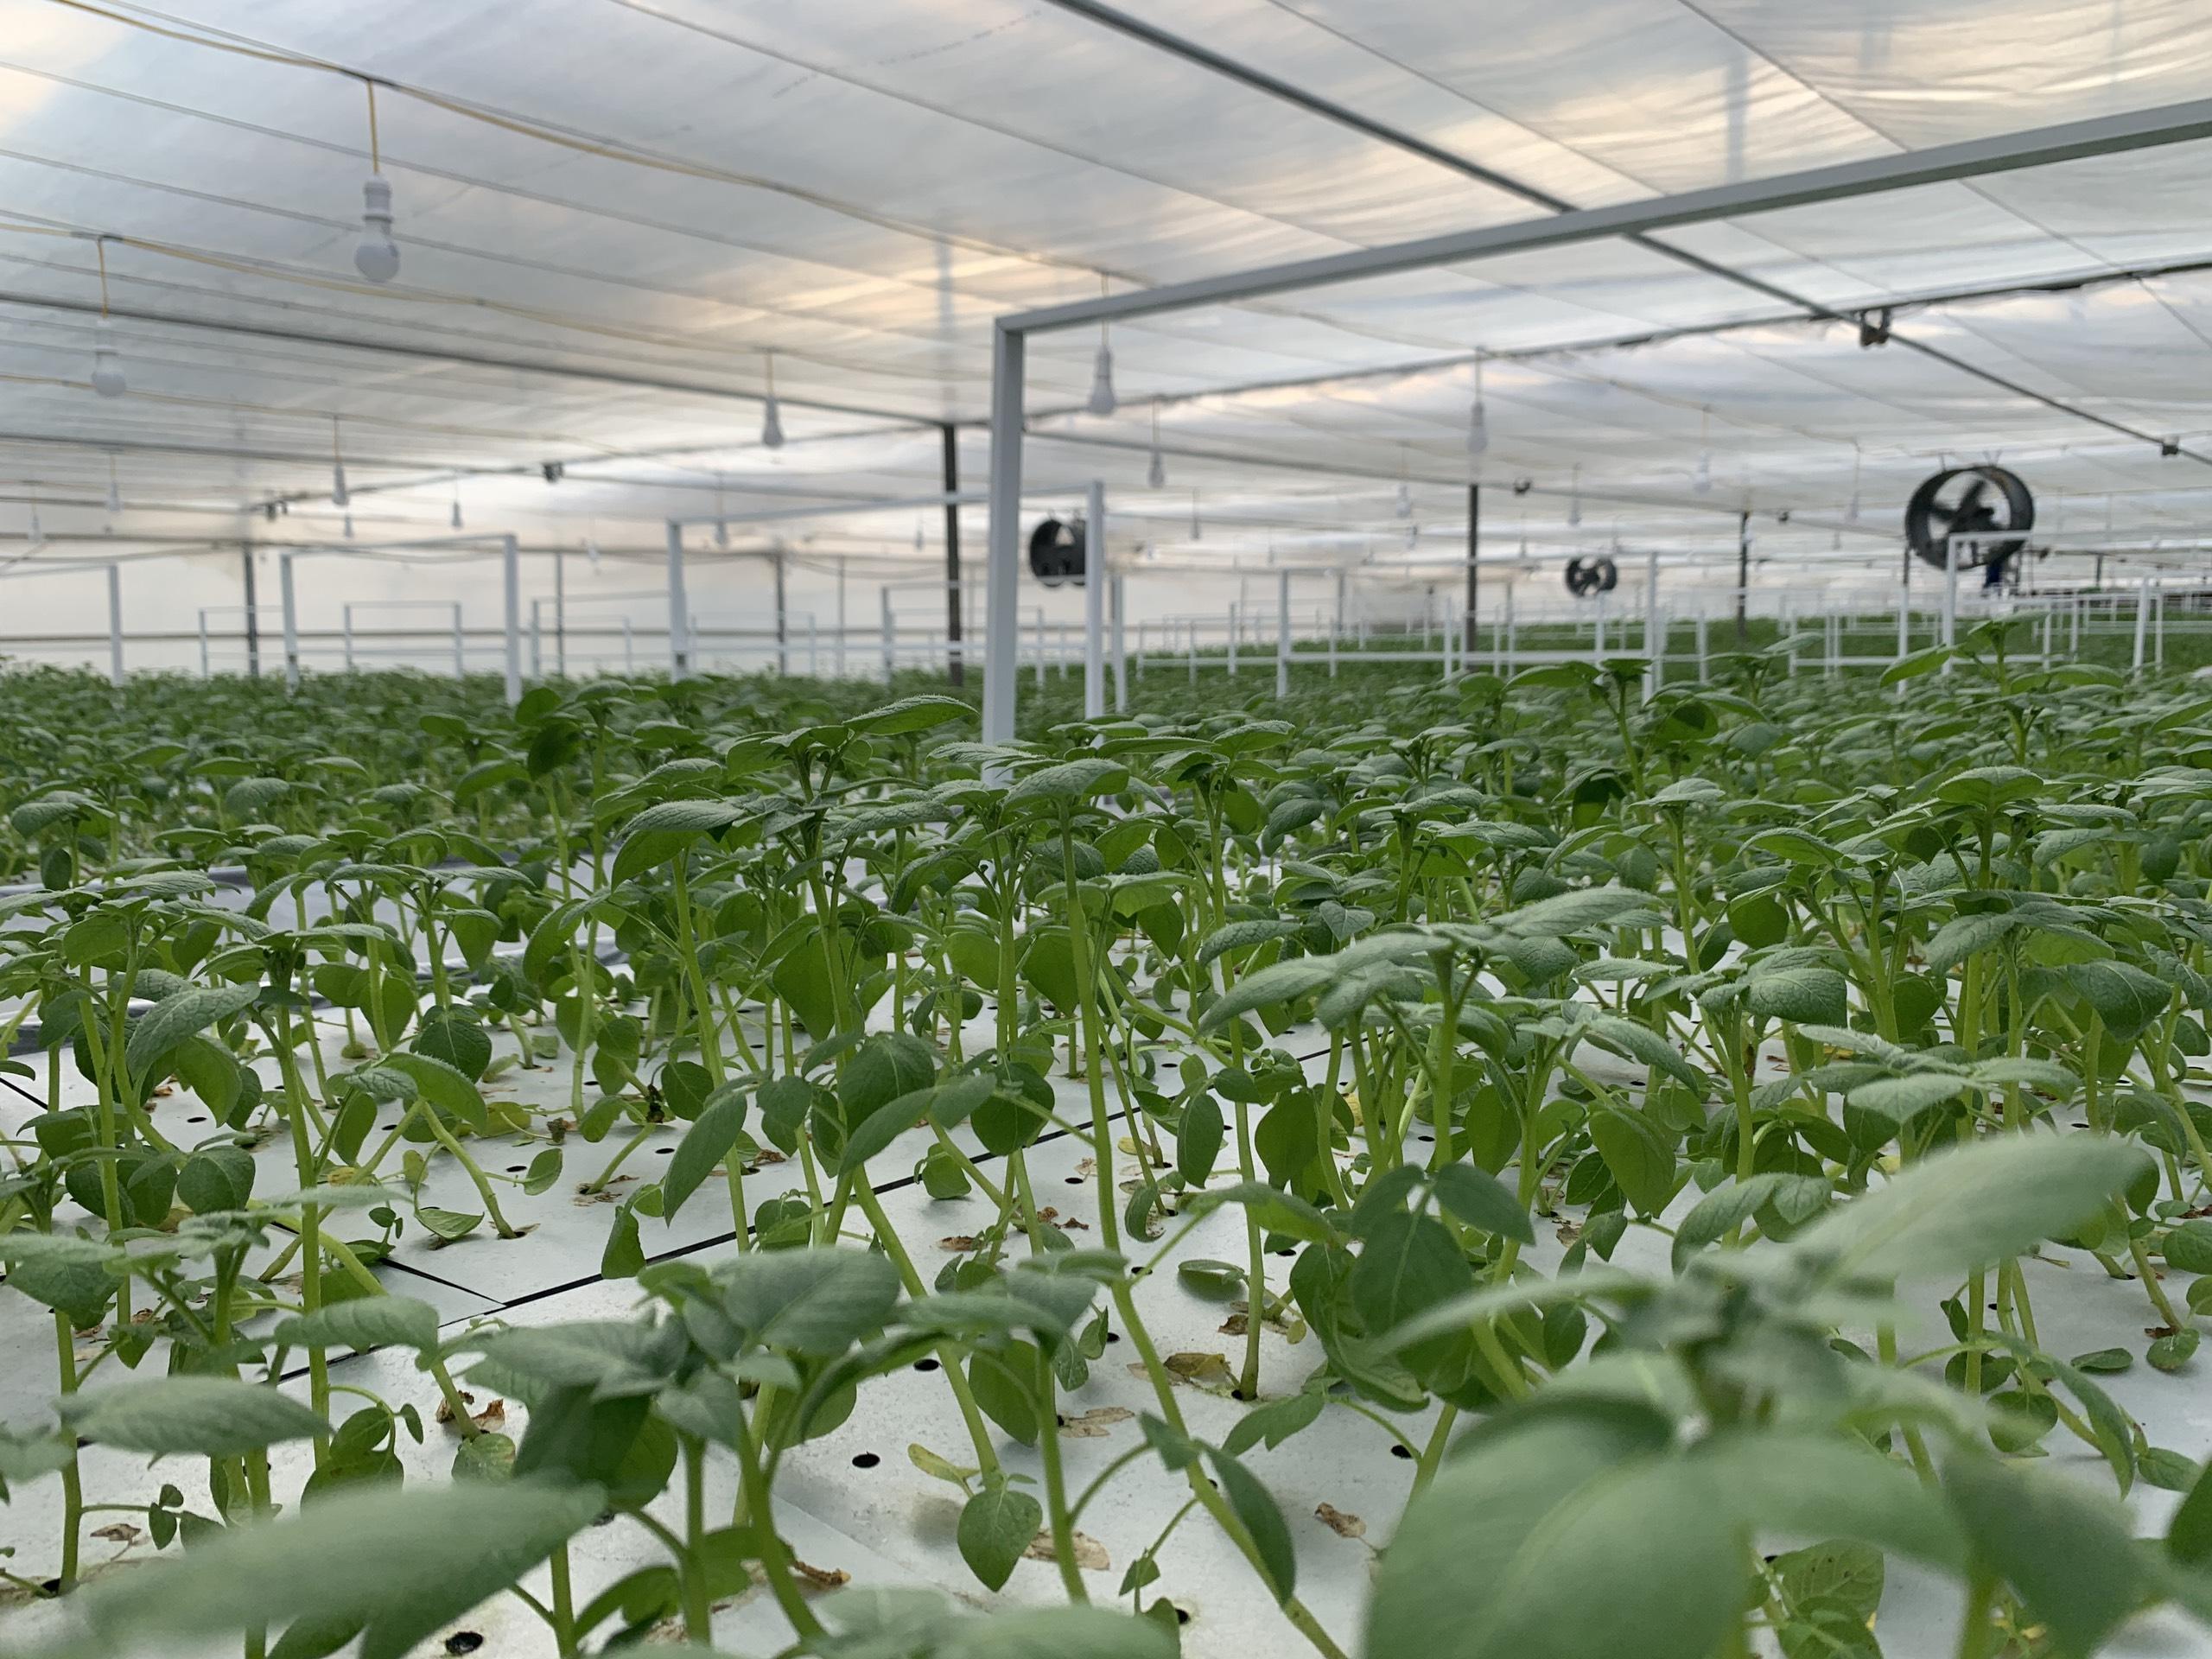 Khoai tây trong nhà màng khí canh do Công ty Orion Vina tài trợ cho Viện Công nghệ sinh học.